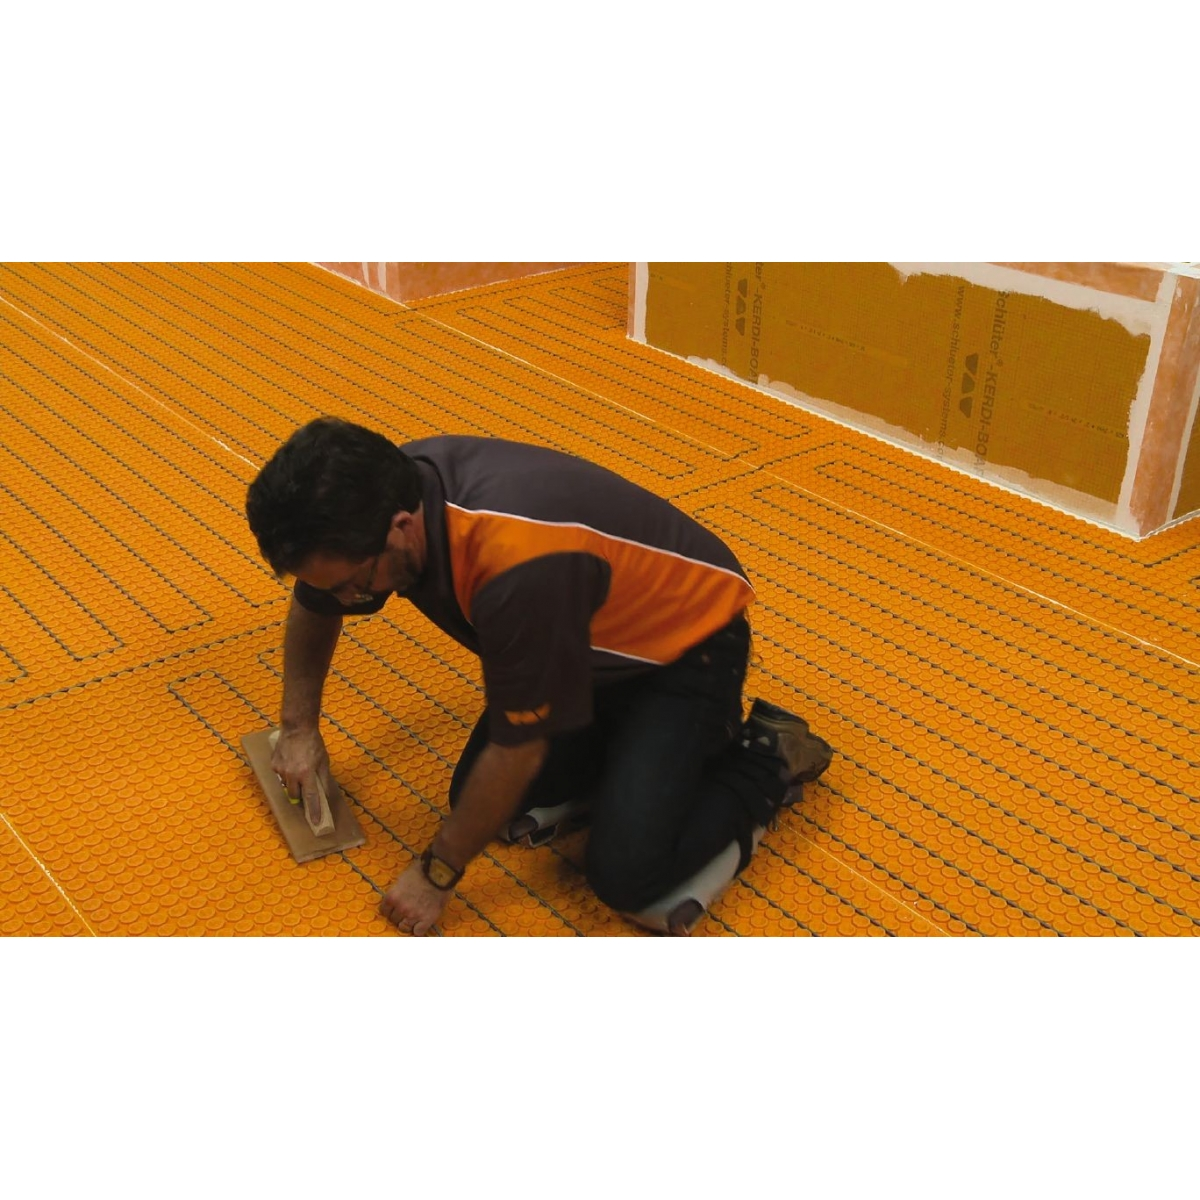 Kit de suelo radiante con termostato táctil con aislamiento bajo lámina y wifi Suelo radiante eléctrico